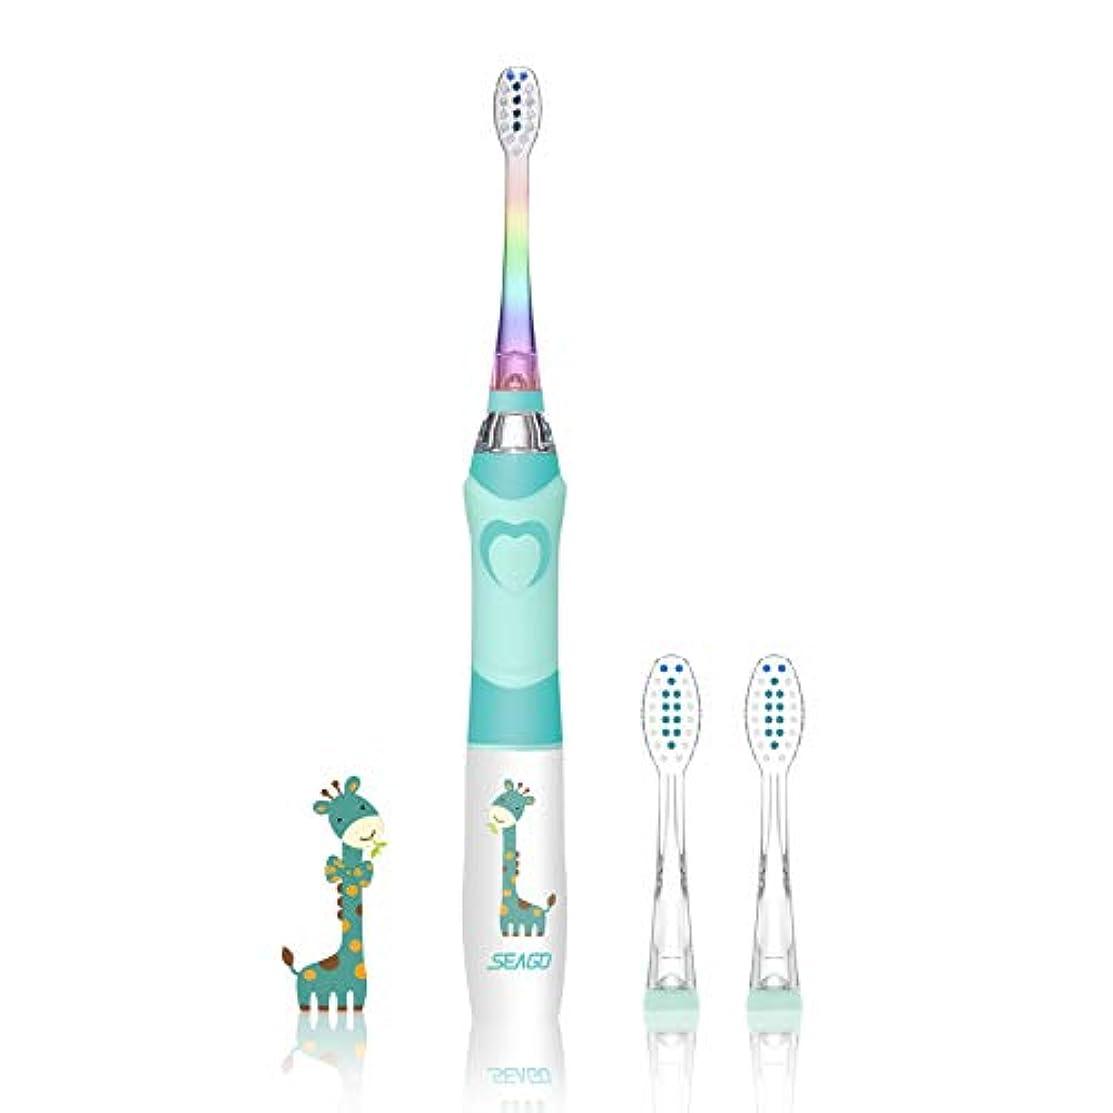 警告身元論文電動歯ブラシ子供用 SEAGO 音波歯ブラシLEDランプ付き 替えブラシ2個 IPX7級防水2分オートタイマ 977(グリーン)